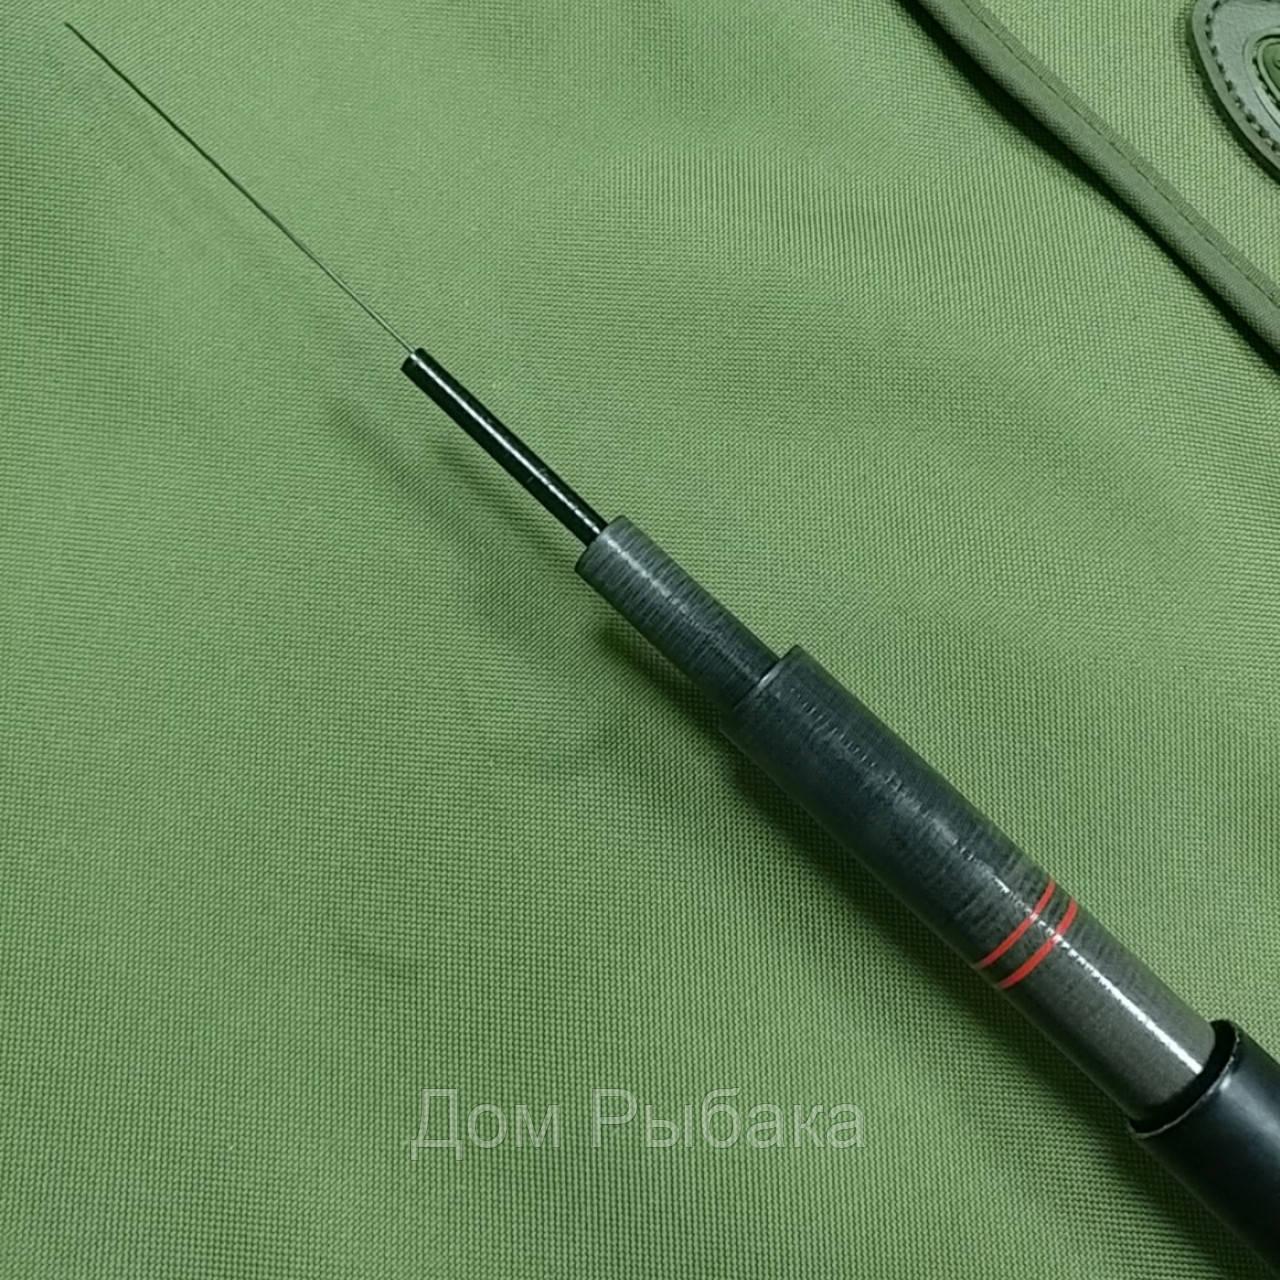 Удилище Spro Technica Carbon Tele 5м+кепка Spro в подарок(2528500)